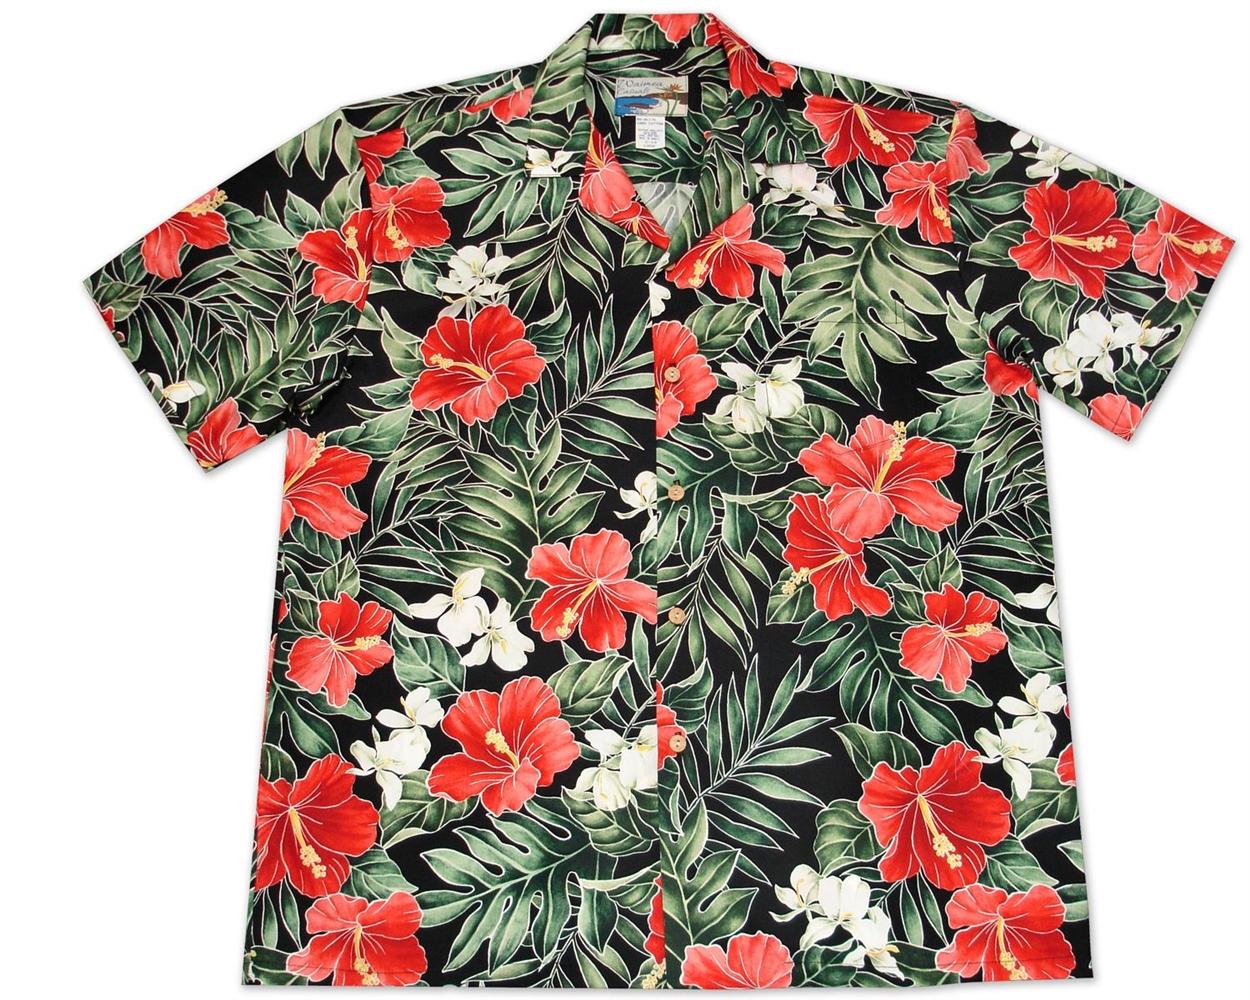 Waimea Casuals by Paradise Found Hawaiian Shirt  – Maui Pineapple-(Black & White)